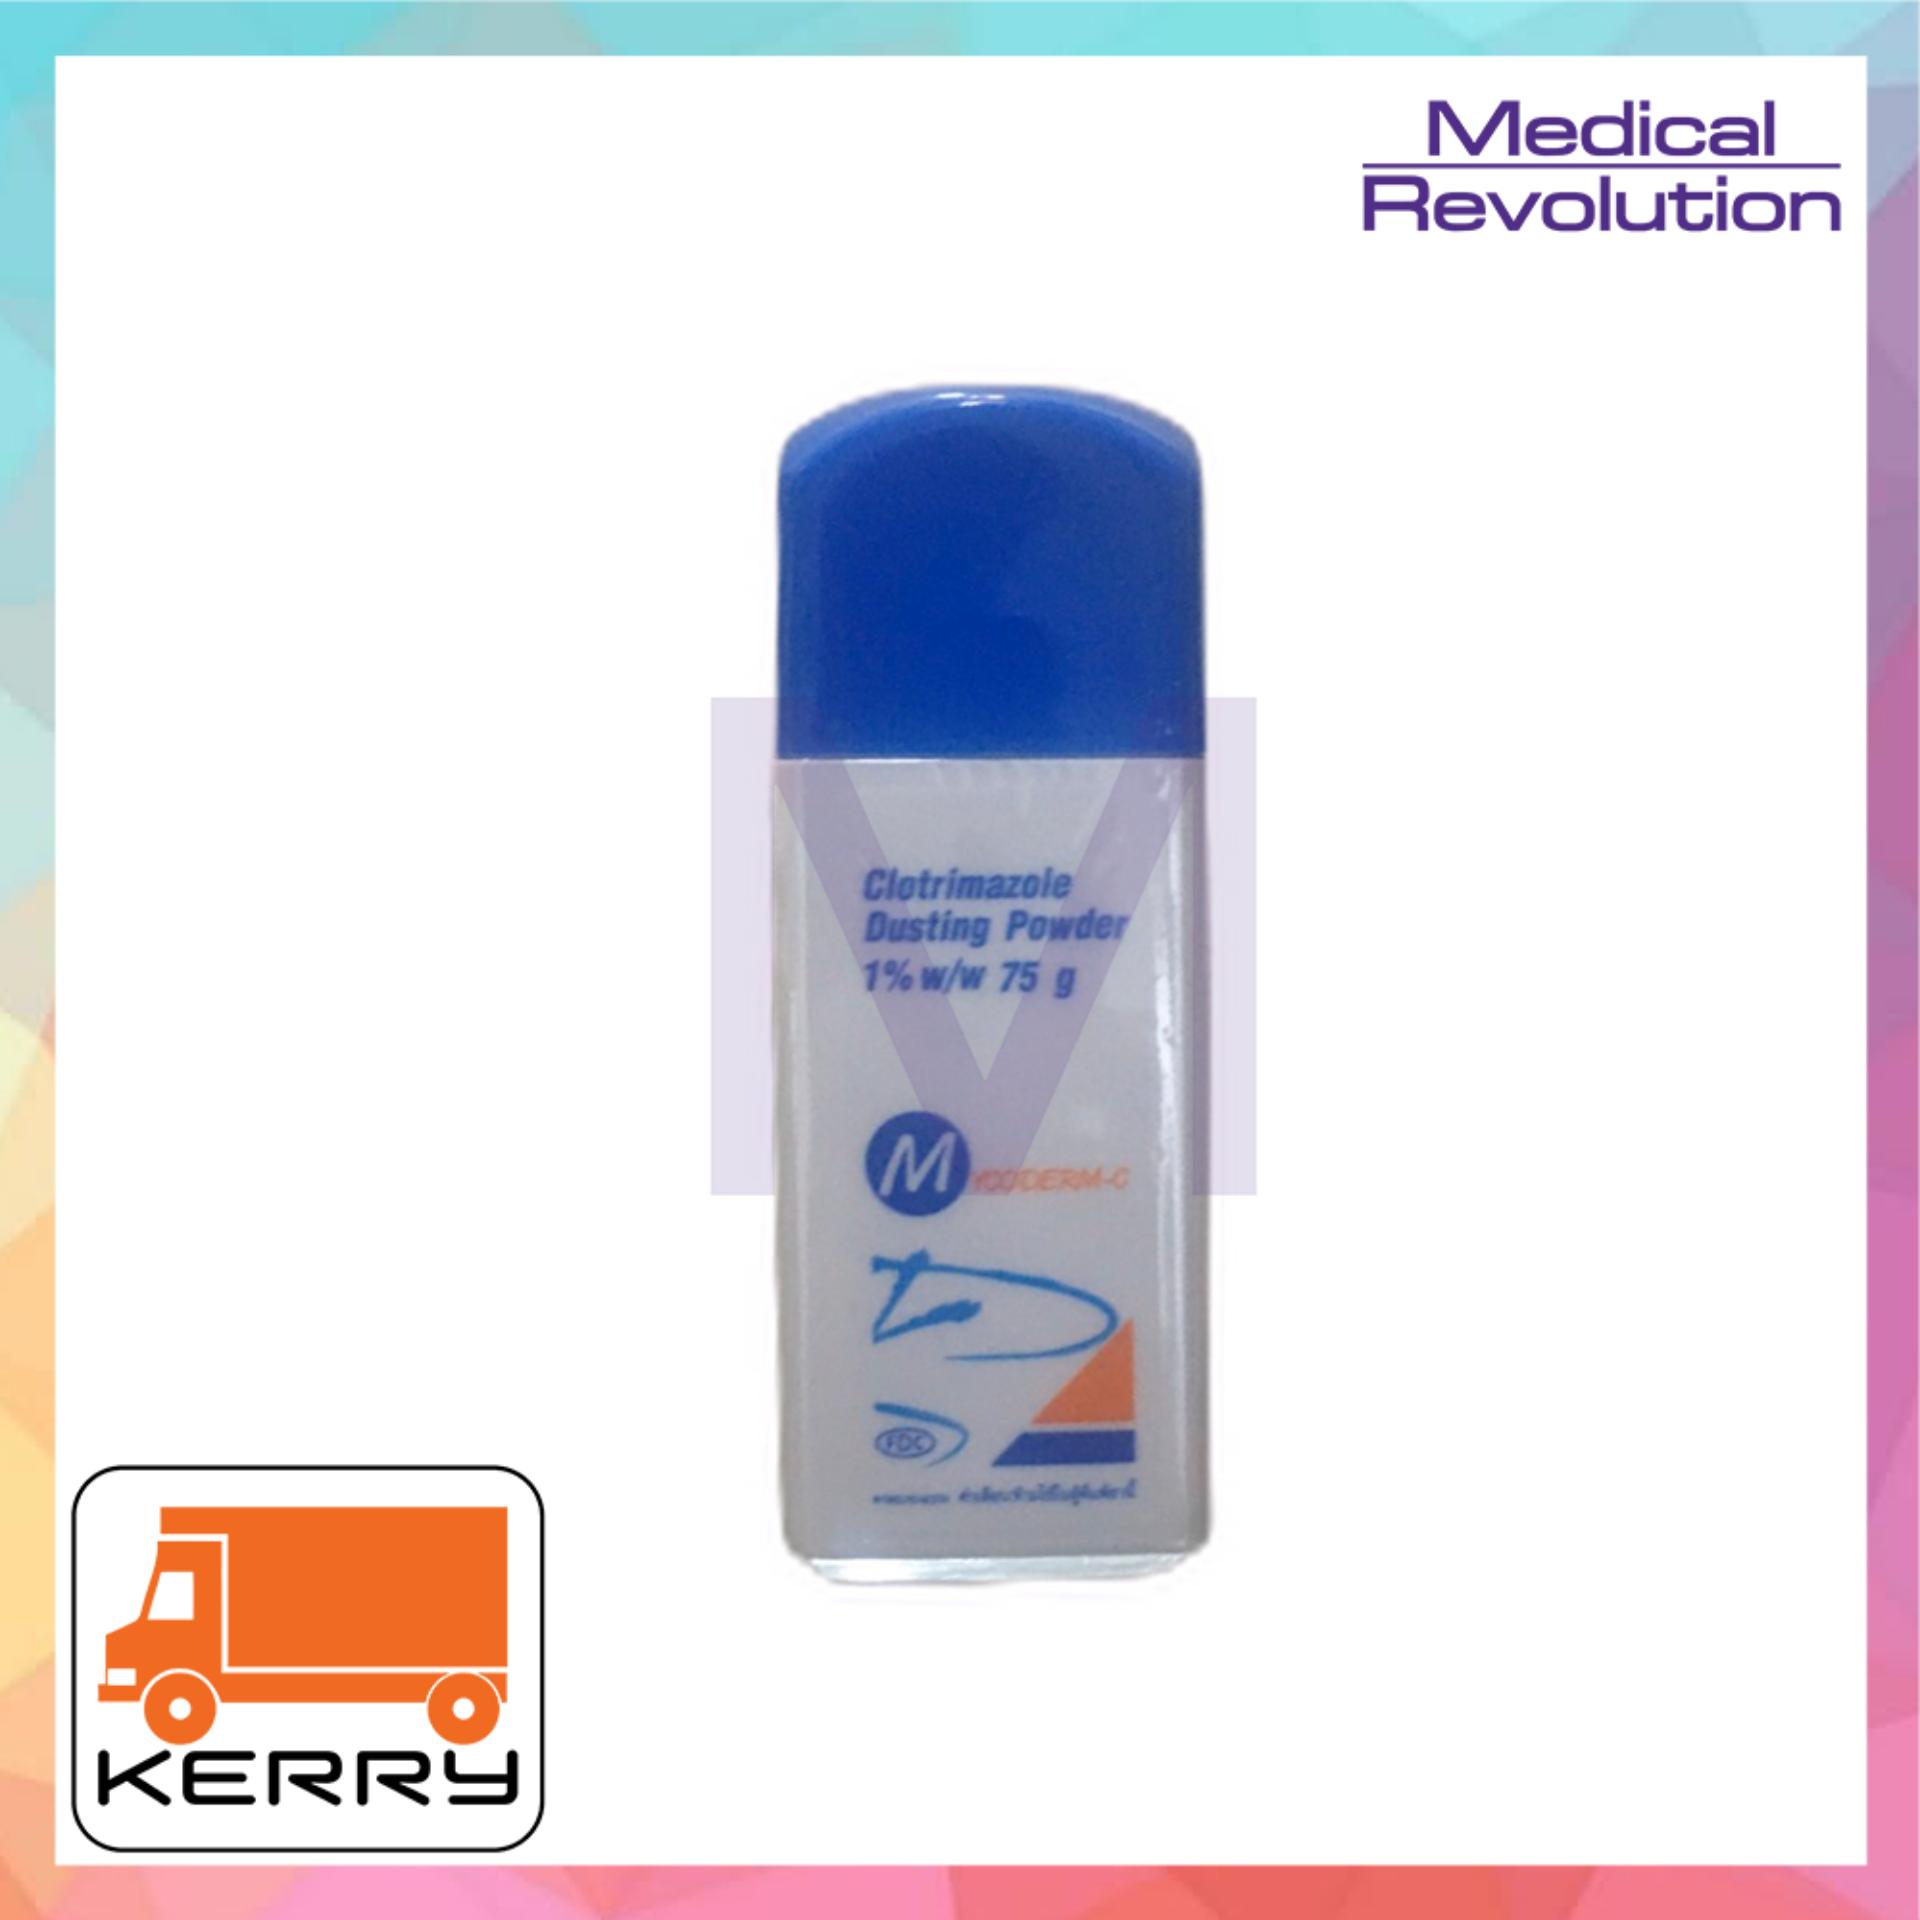 Mycoderm-C แป้งลดอาการคันและระงับกลิ่นเท้า 75 g. 1 ขวด